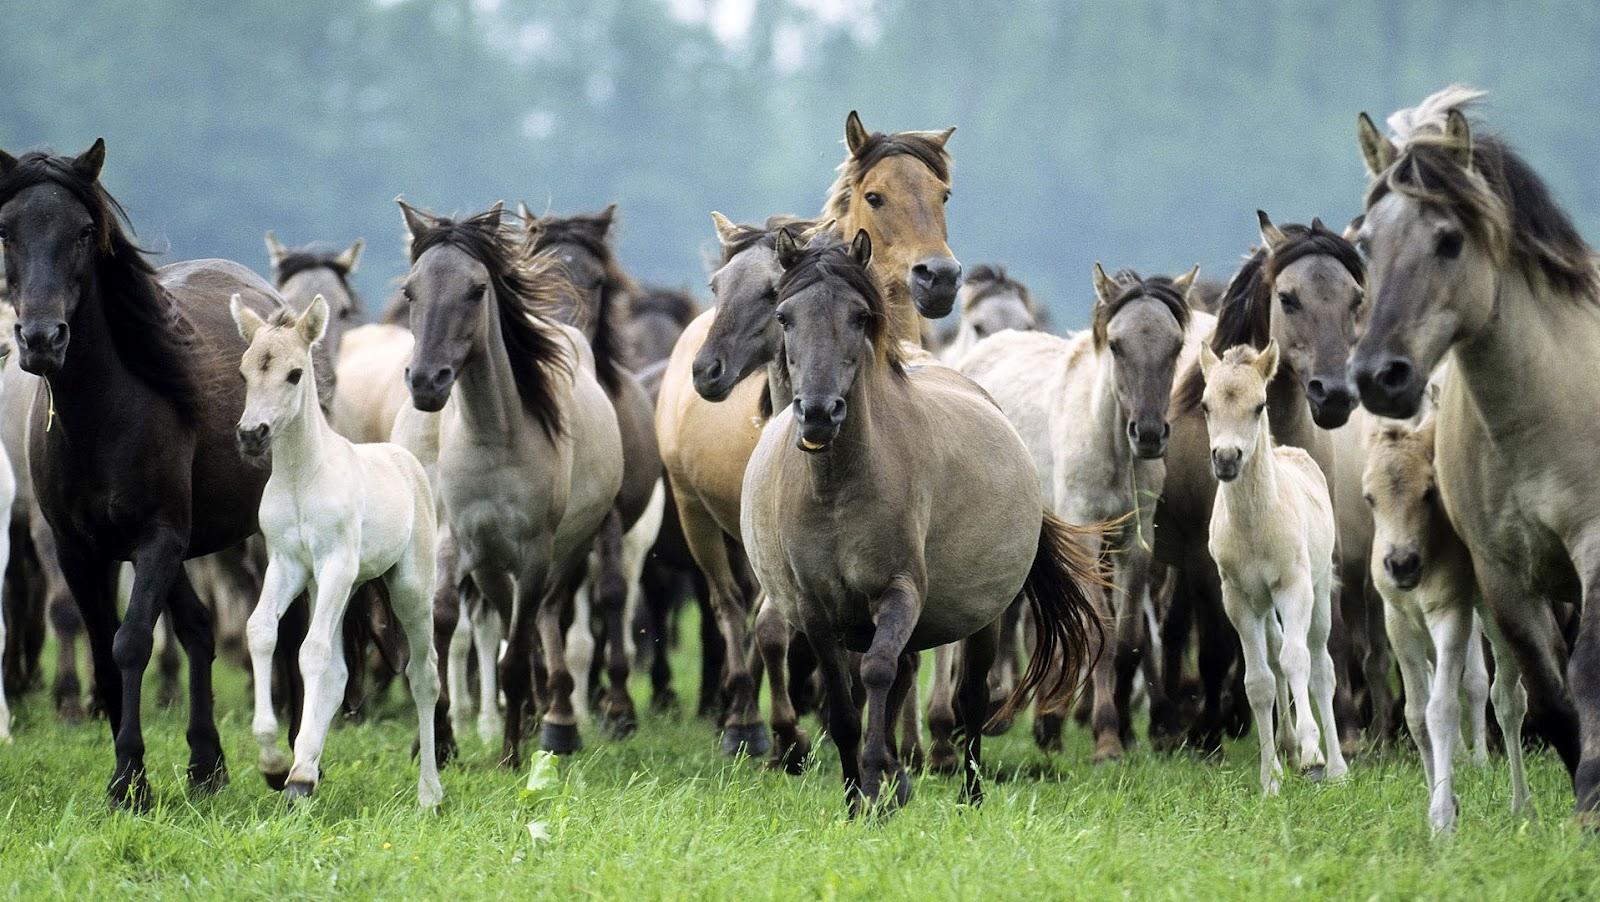 http://1.bp.blogspot.com/-K-YbcWEiQk0/T_xmB9ttyyI/AAAAAAAABtQ/ELMlyHz0ahc/s1600/hd-achtergrond-met-heel-veel-paarden-hd-wallpaper.jpg